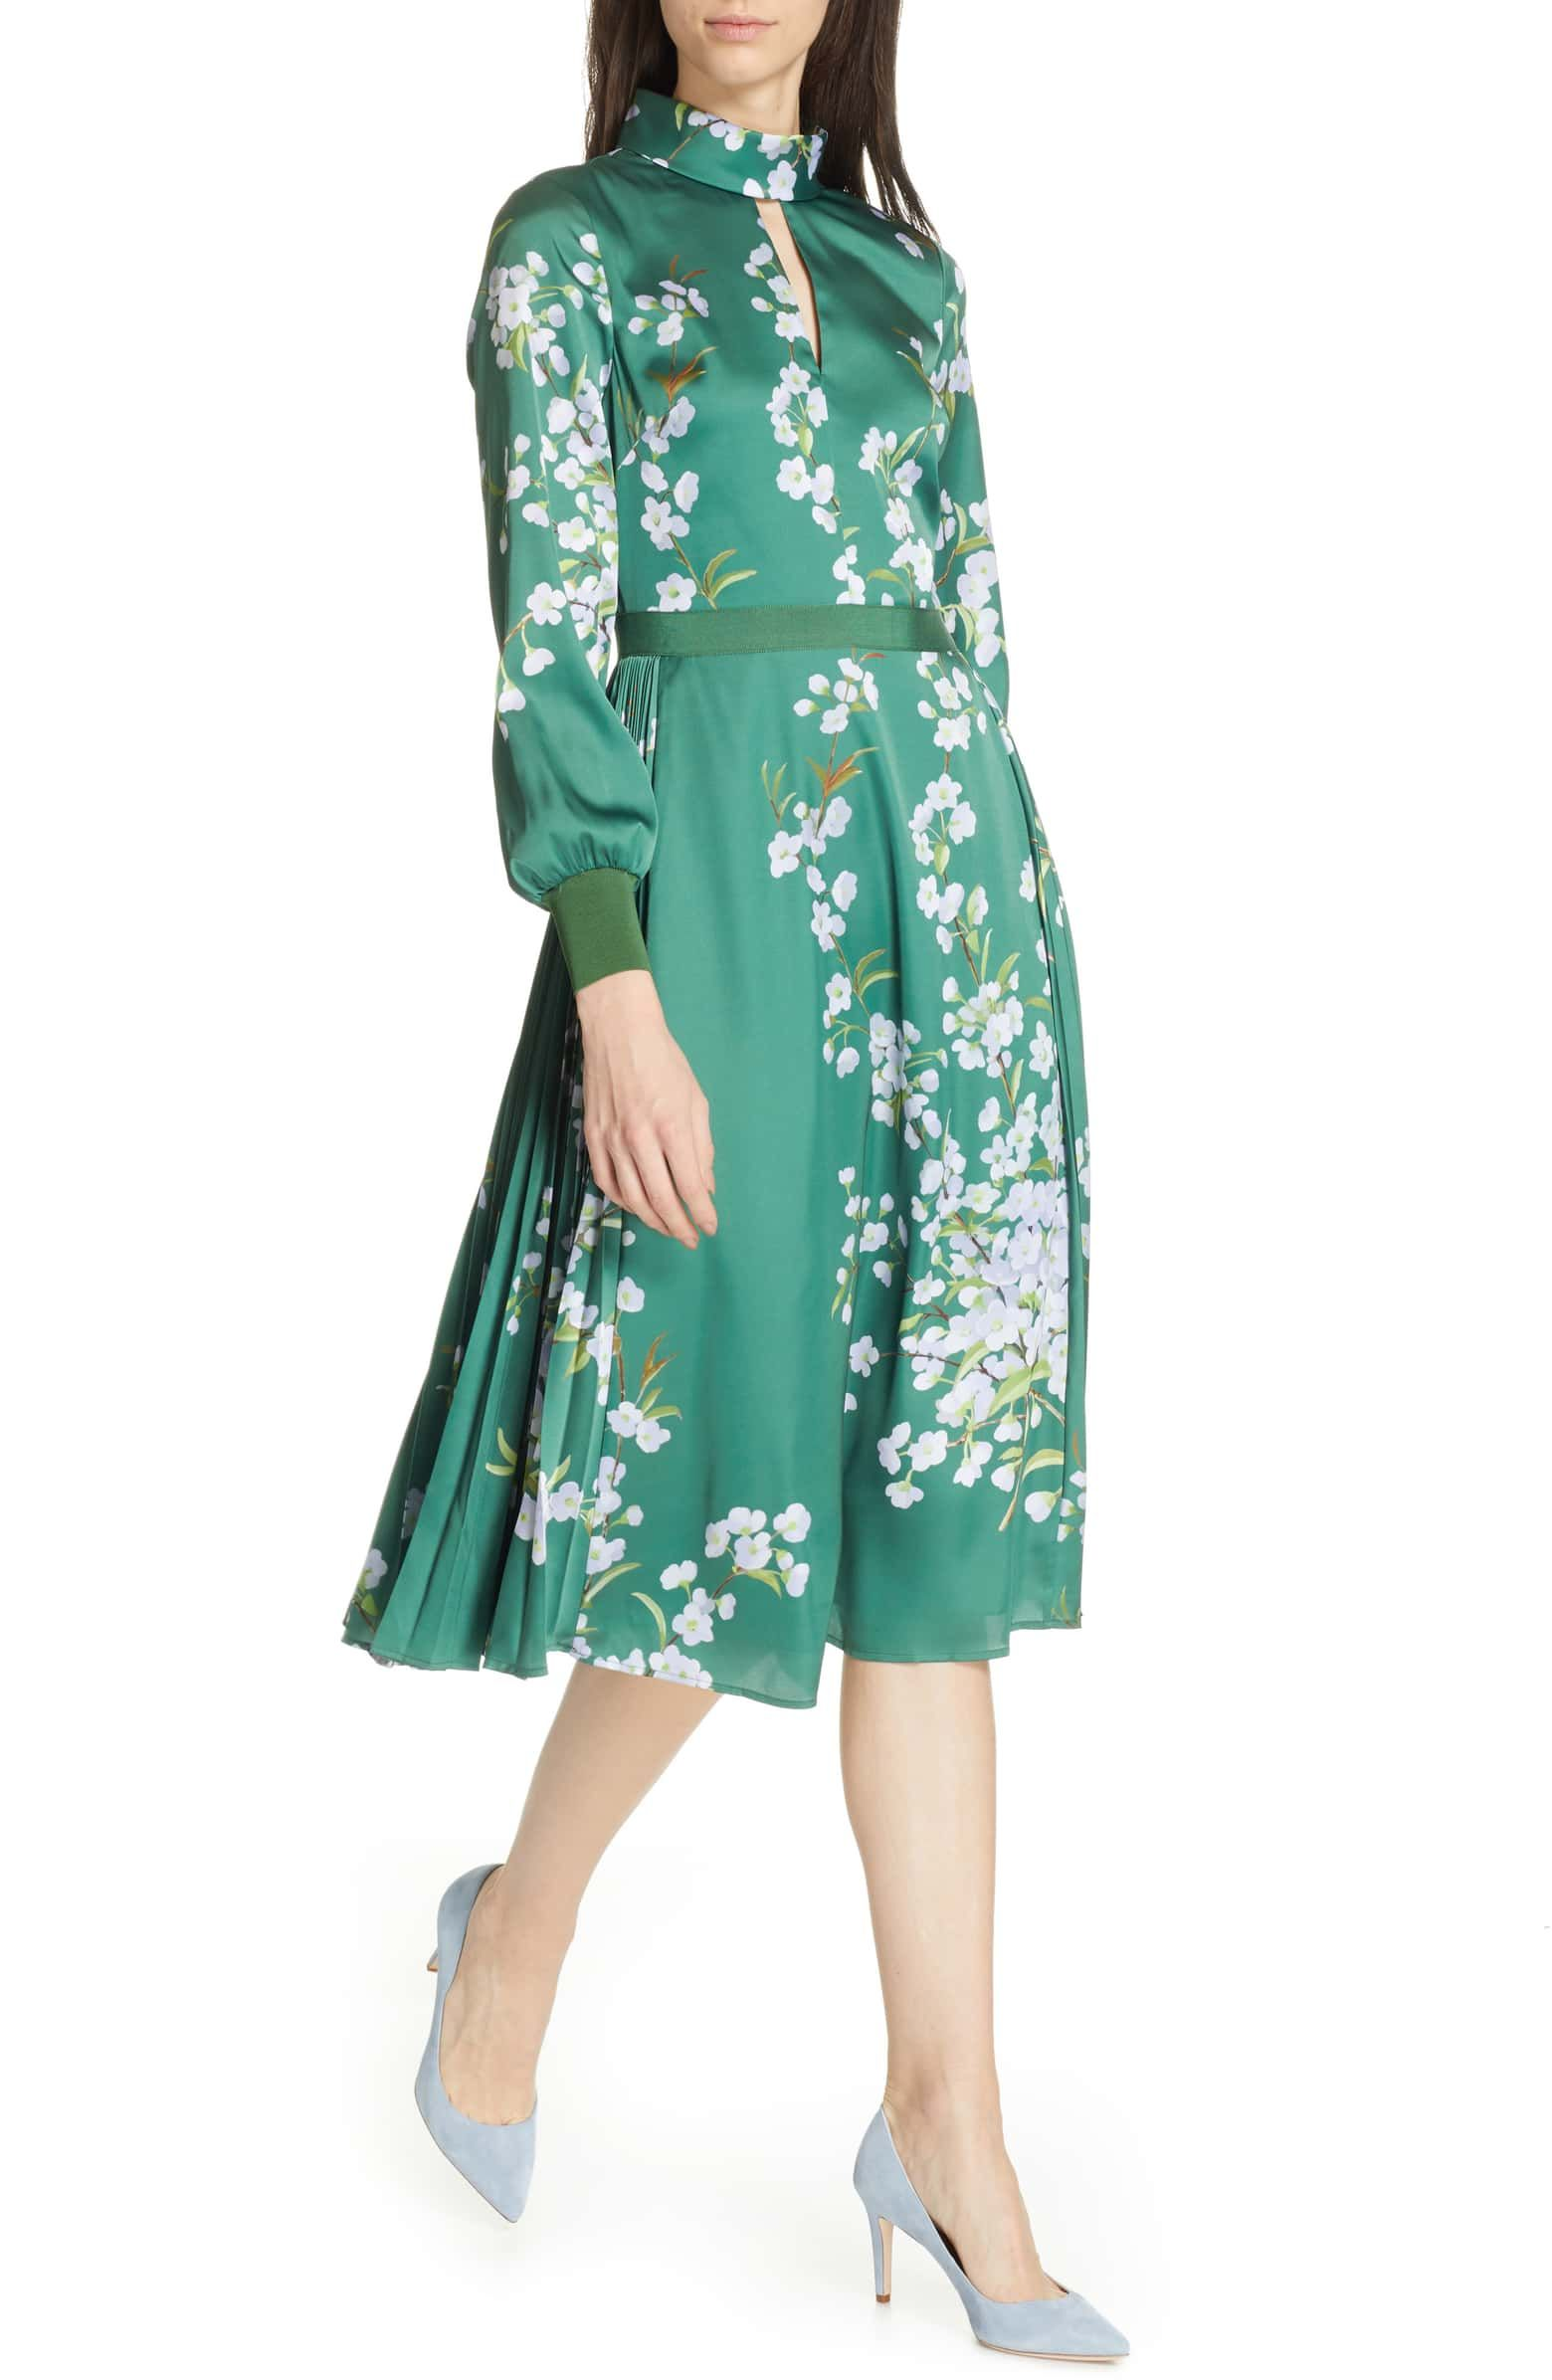 fb1682d05 Jhenni Graceful Satin A-Line Dress